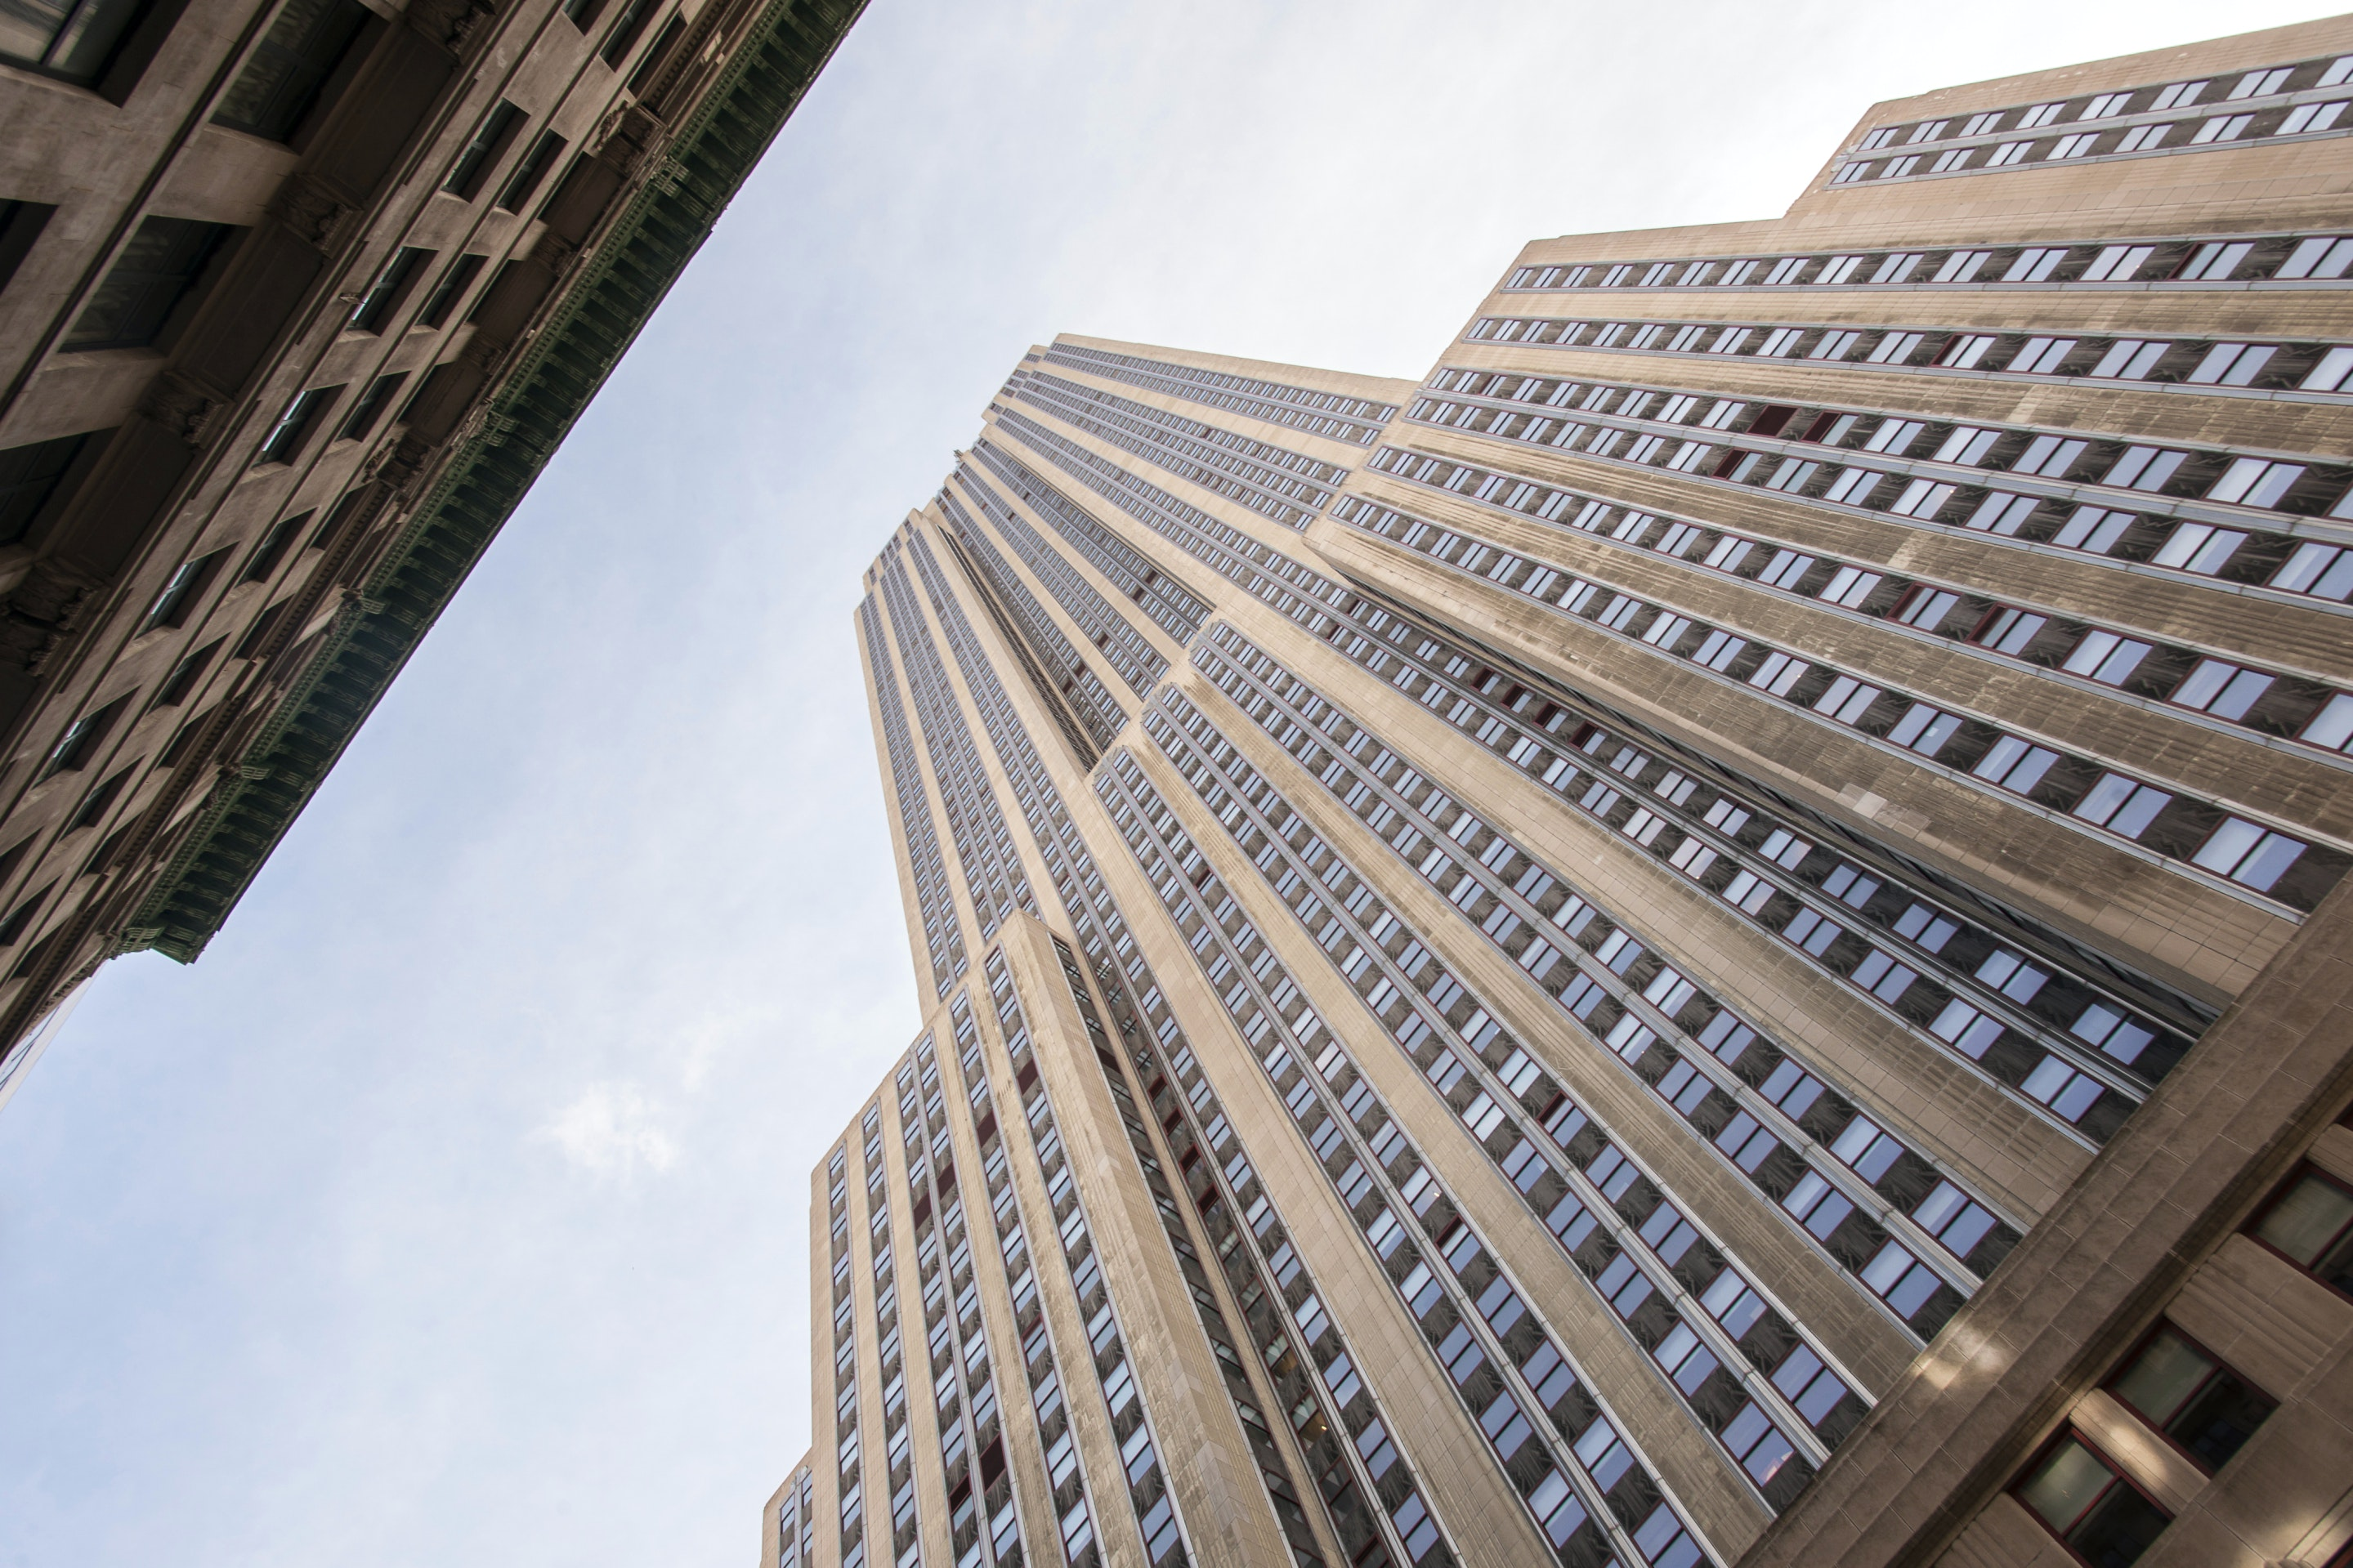 1 2 7 3 Down The Rockefeller Street: Rockefeller Center In New York City, USA